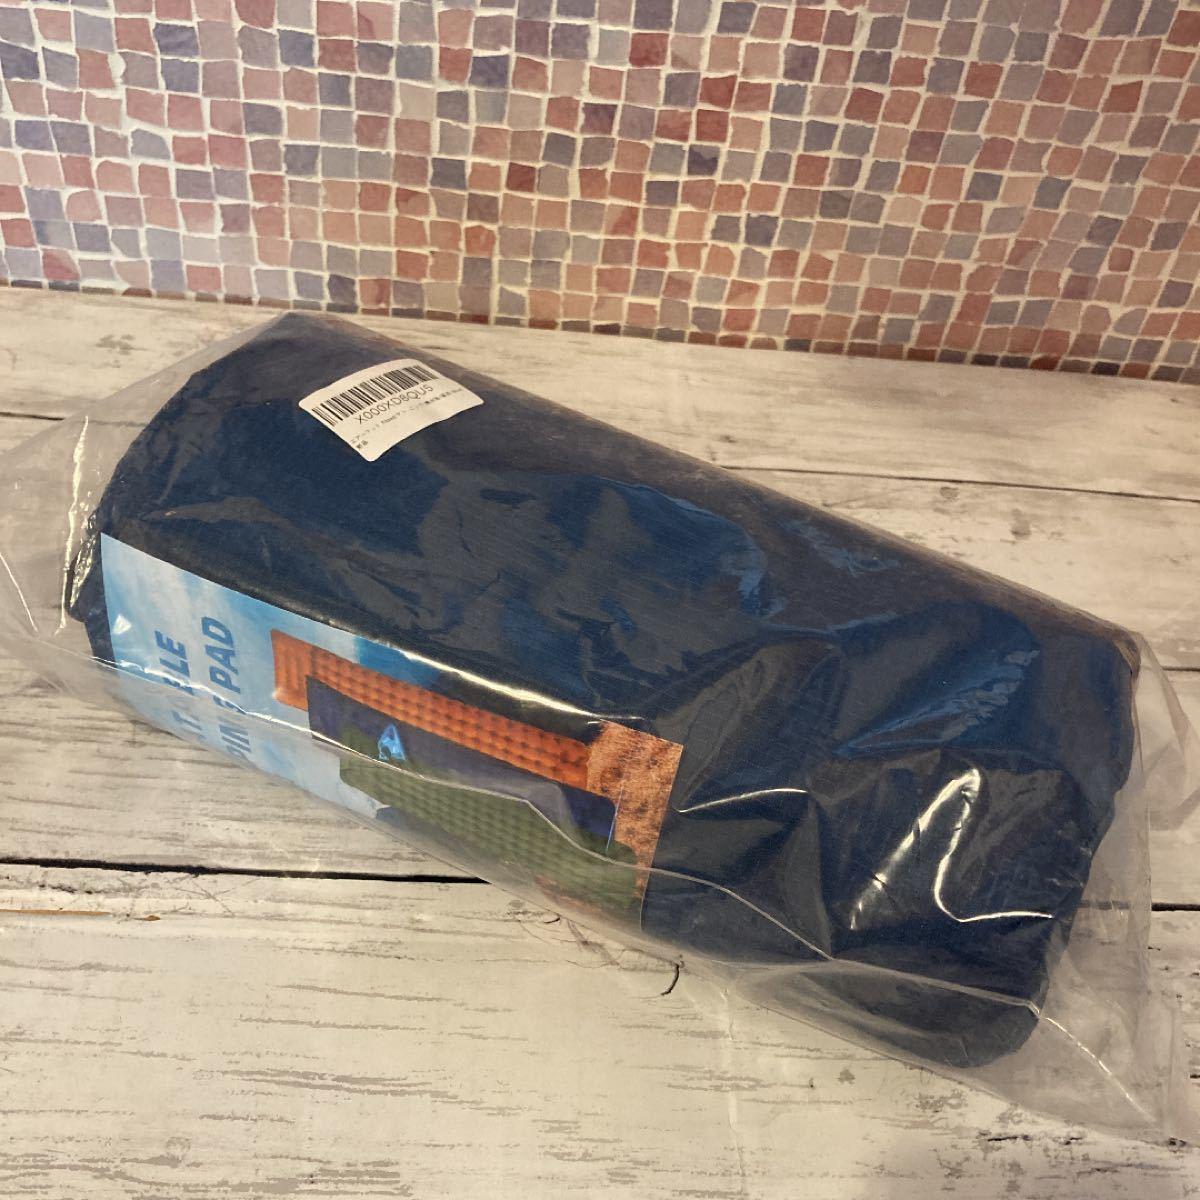 【足踏み式 】エアーマット キャンプ アウトドア 幅広厚手 コンパクト 軽量 キャンプマット 車中泊マット 収納袋